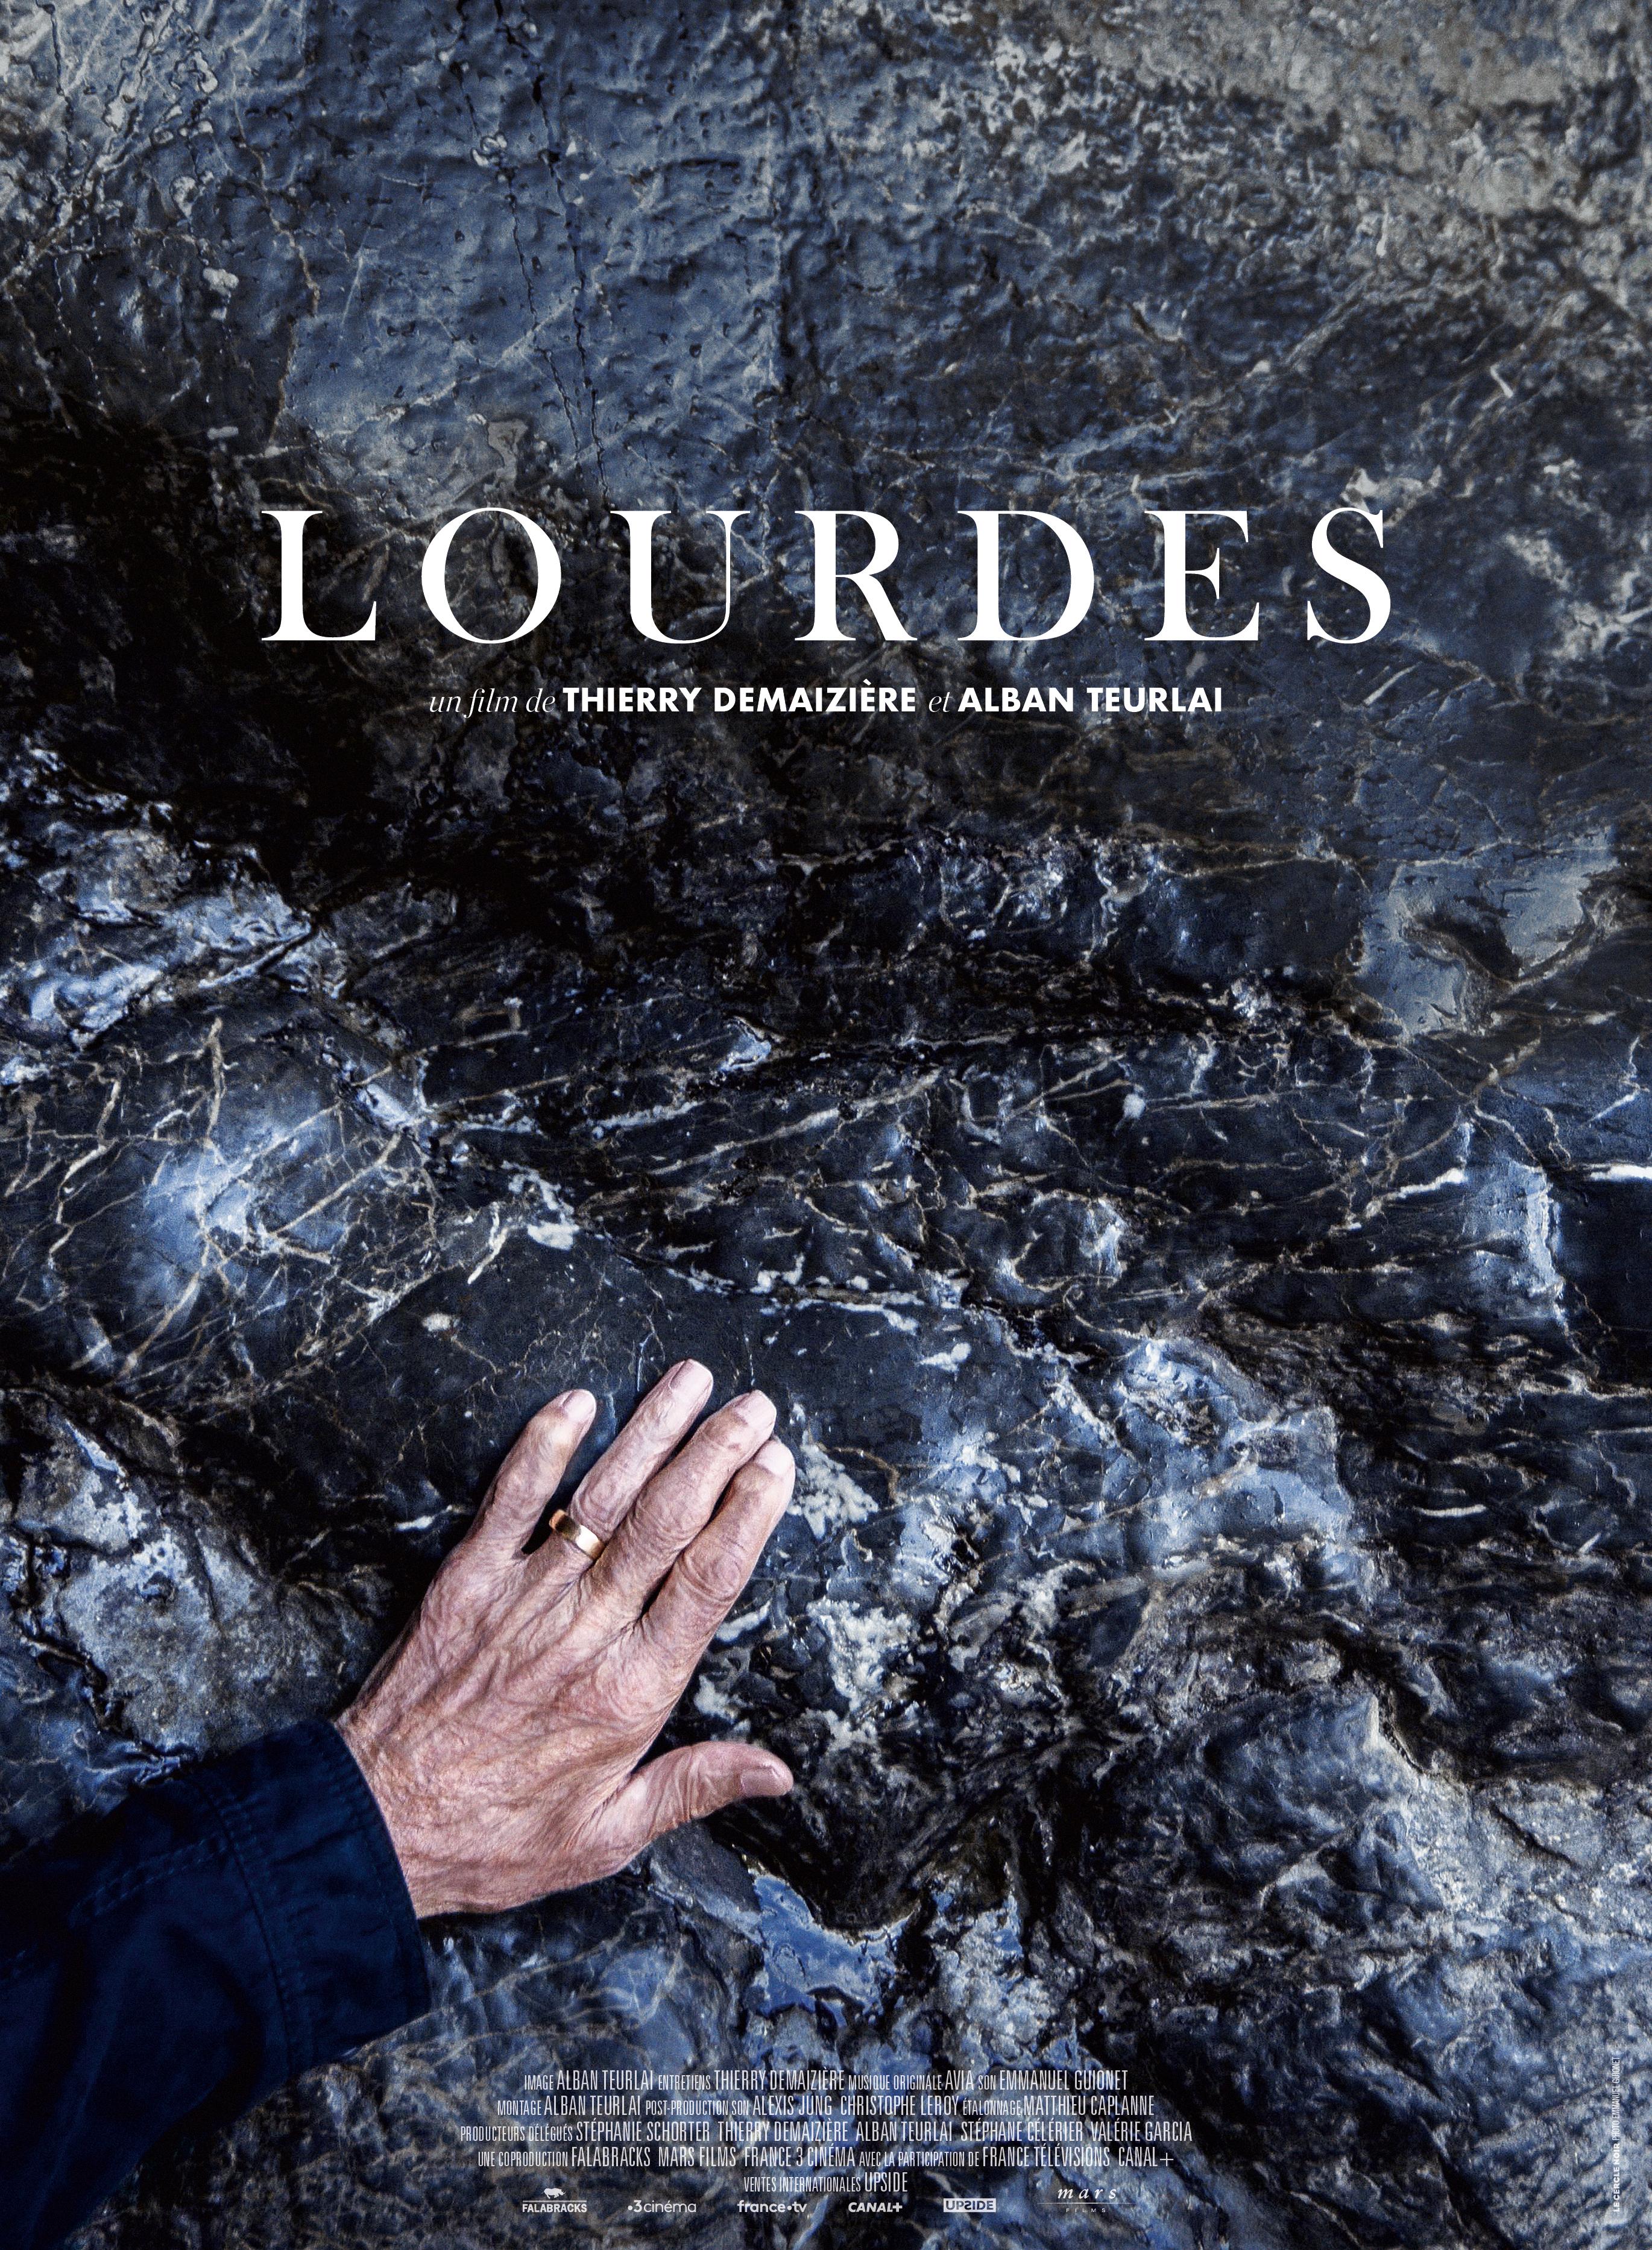 Lourdes | Demaizière, Thierry (Réalisateur)